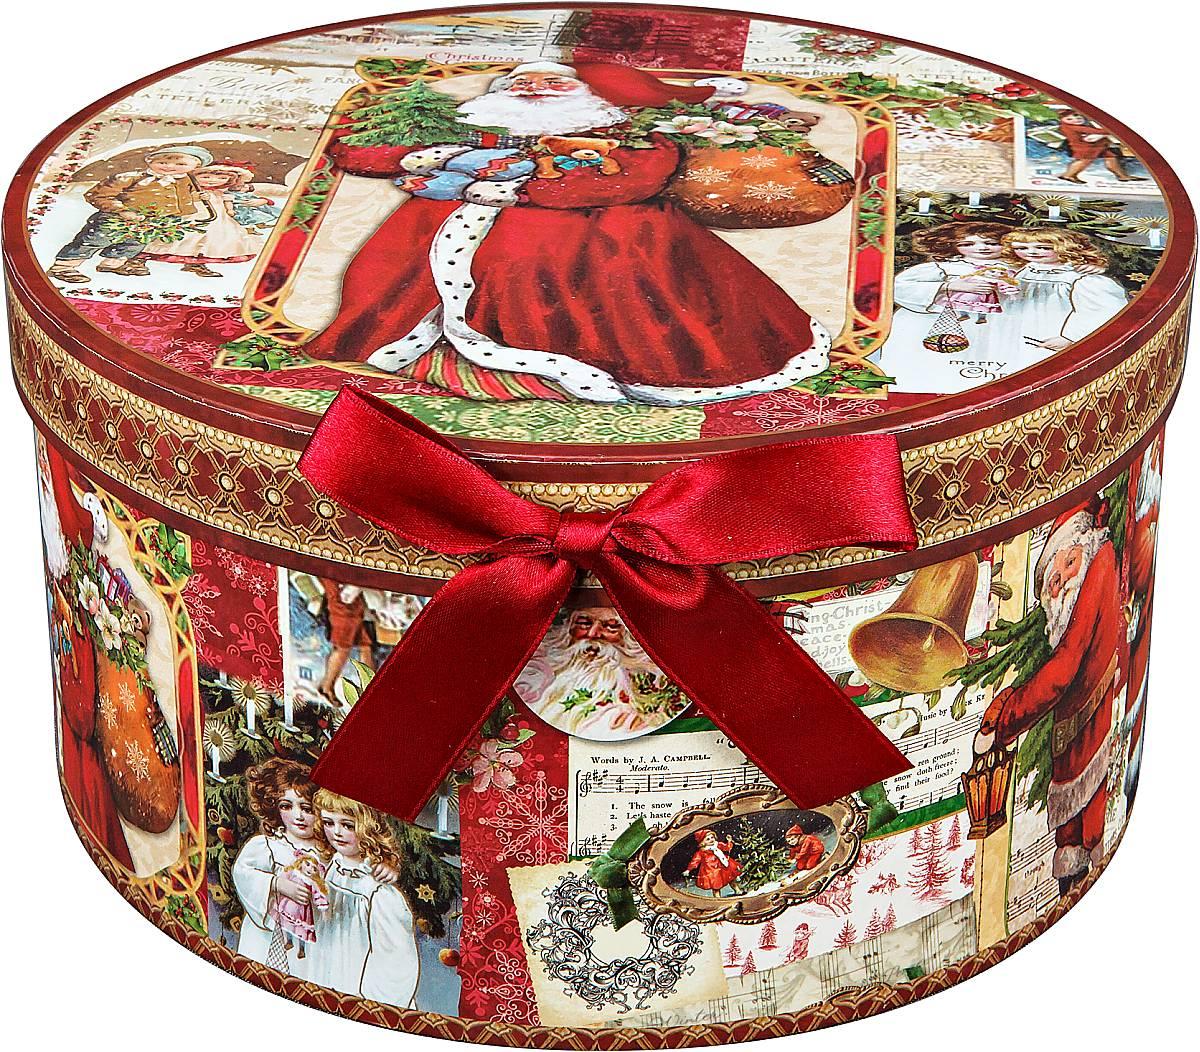 Коробка подарочная новогодняя Mister Christmas Дед Мороз и дети, круглая, 20 х 20 х 10 смBR-B-ROUND-B-2Круглая картонная коробка Mister Christmas Дед Мороз и дети - это один из самых распространенных вариантов упаковки подарков. Любой, даже самый нестандартный подарок упакованный в такую коробку, создаст момент легкой интриги, а плотный картон сохранит содержимое в первоначальном виде. Оригинальный дизайн самой коробки будет долго напоминать владельцу о трогательных моментах получения подарка.